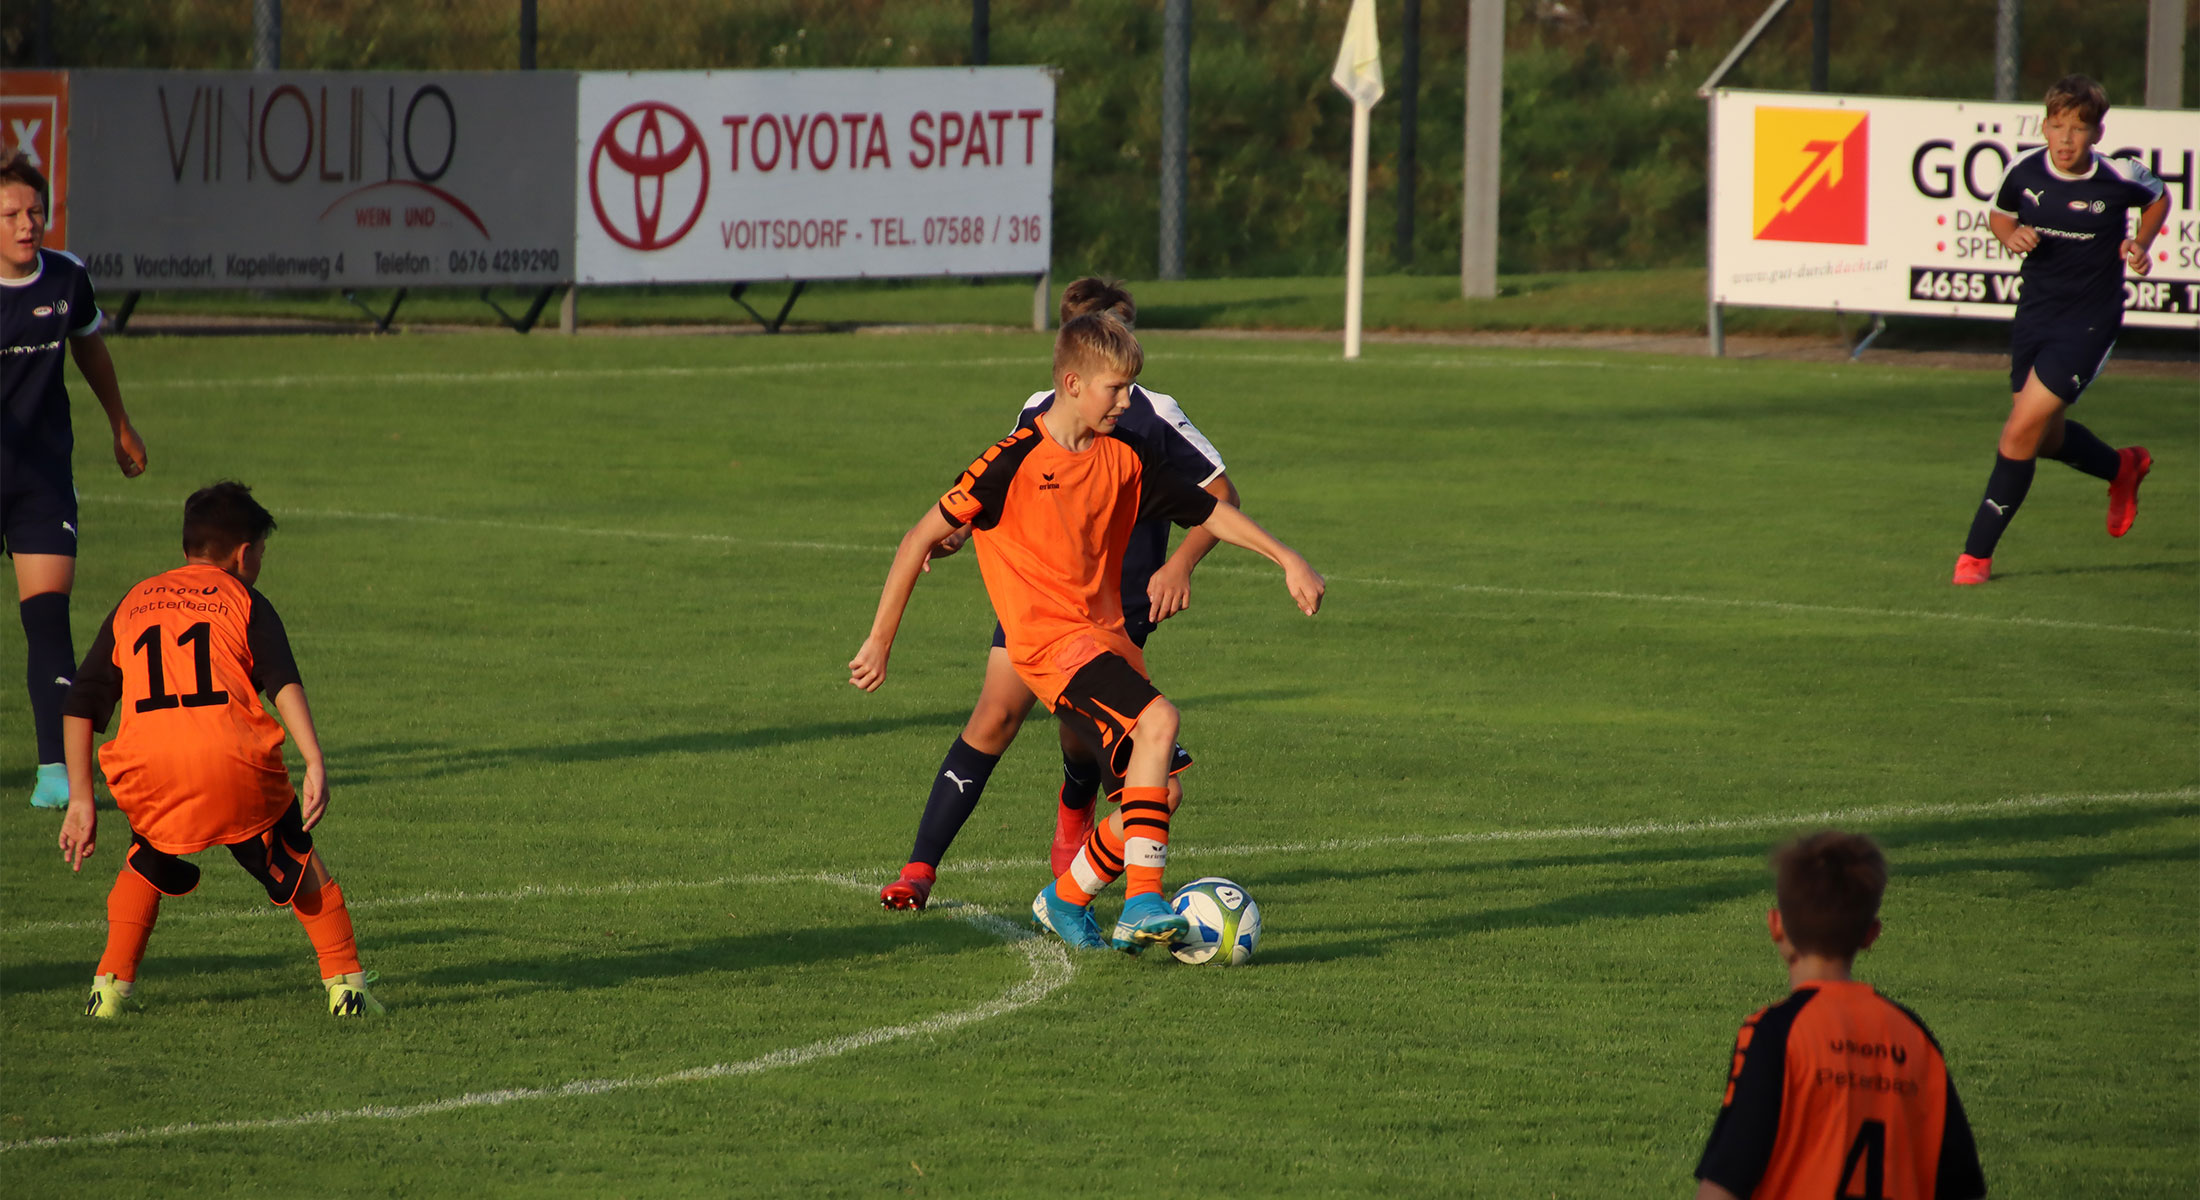 U14 Bittere Niederlage gegen Gampern